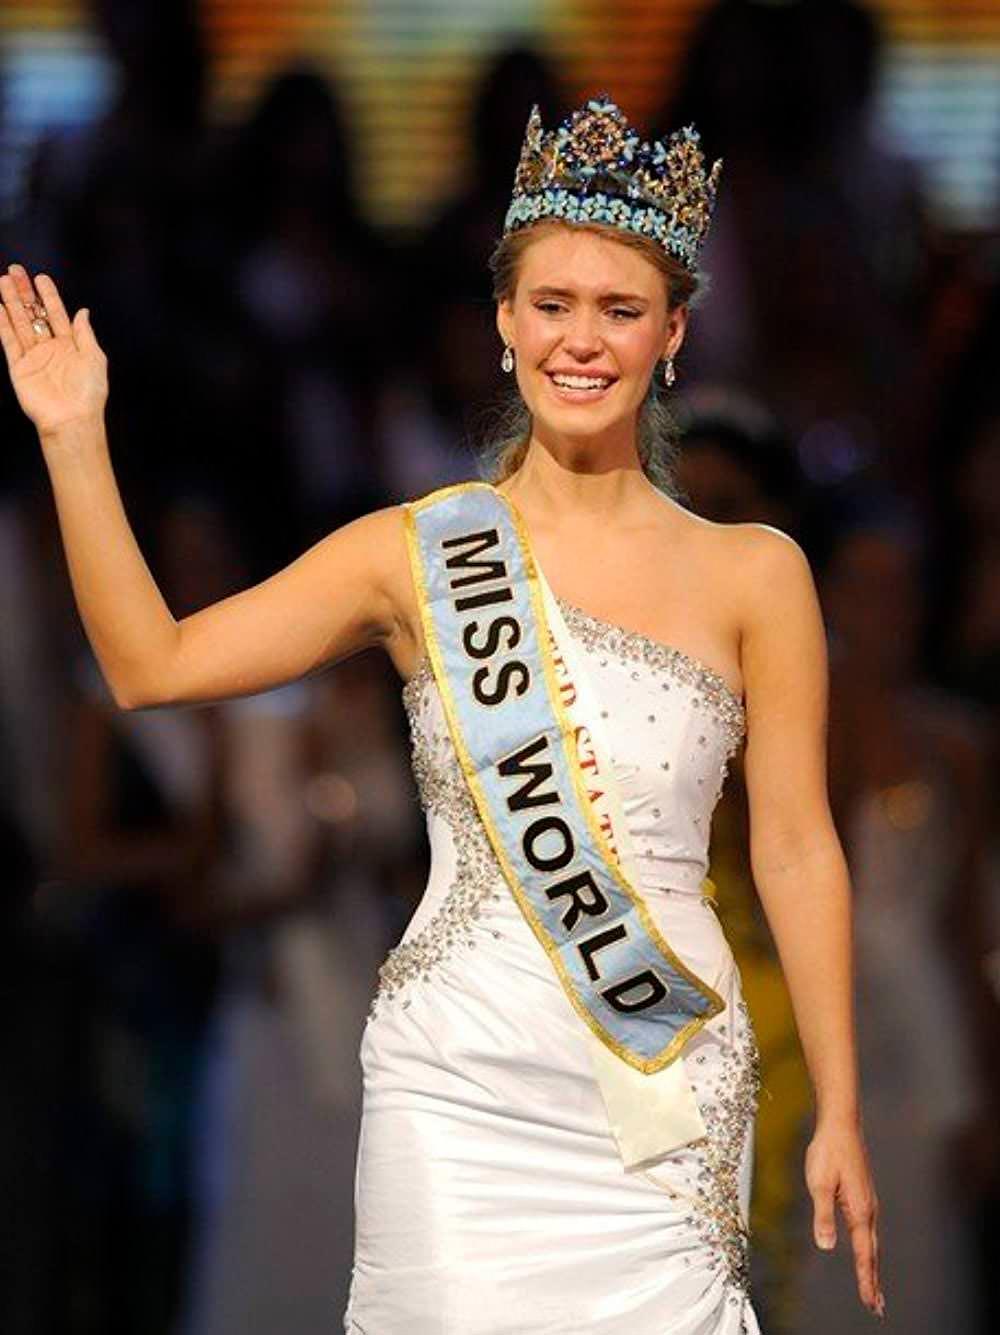 Фото   Мисс Мира 2010 года Александрия Миллс